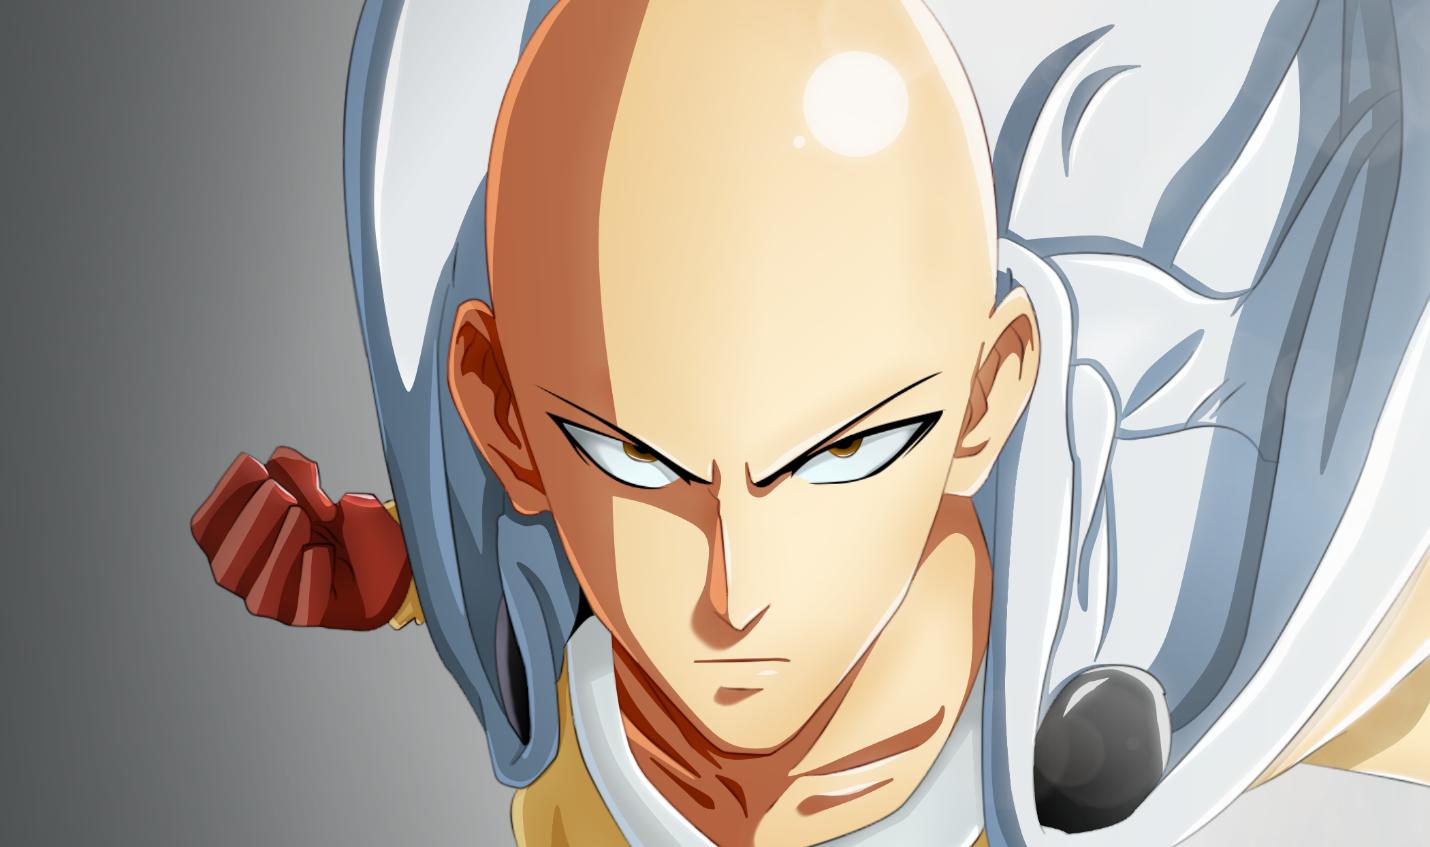 Hình ảnh One Punch Man đẹp nhất - Ảnh Anime One Punch